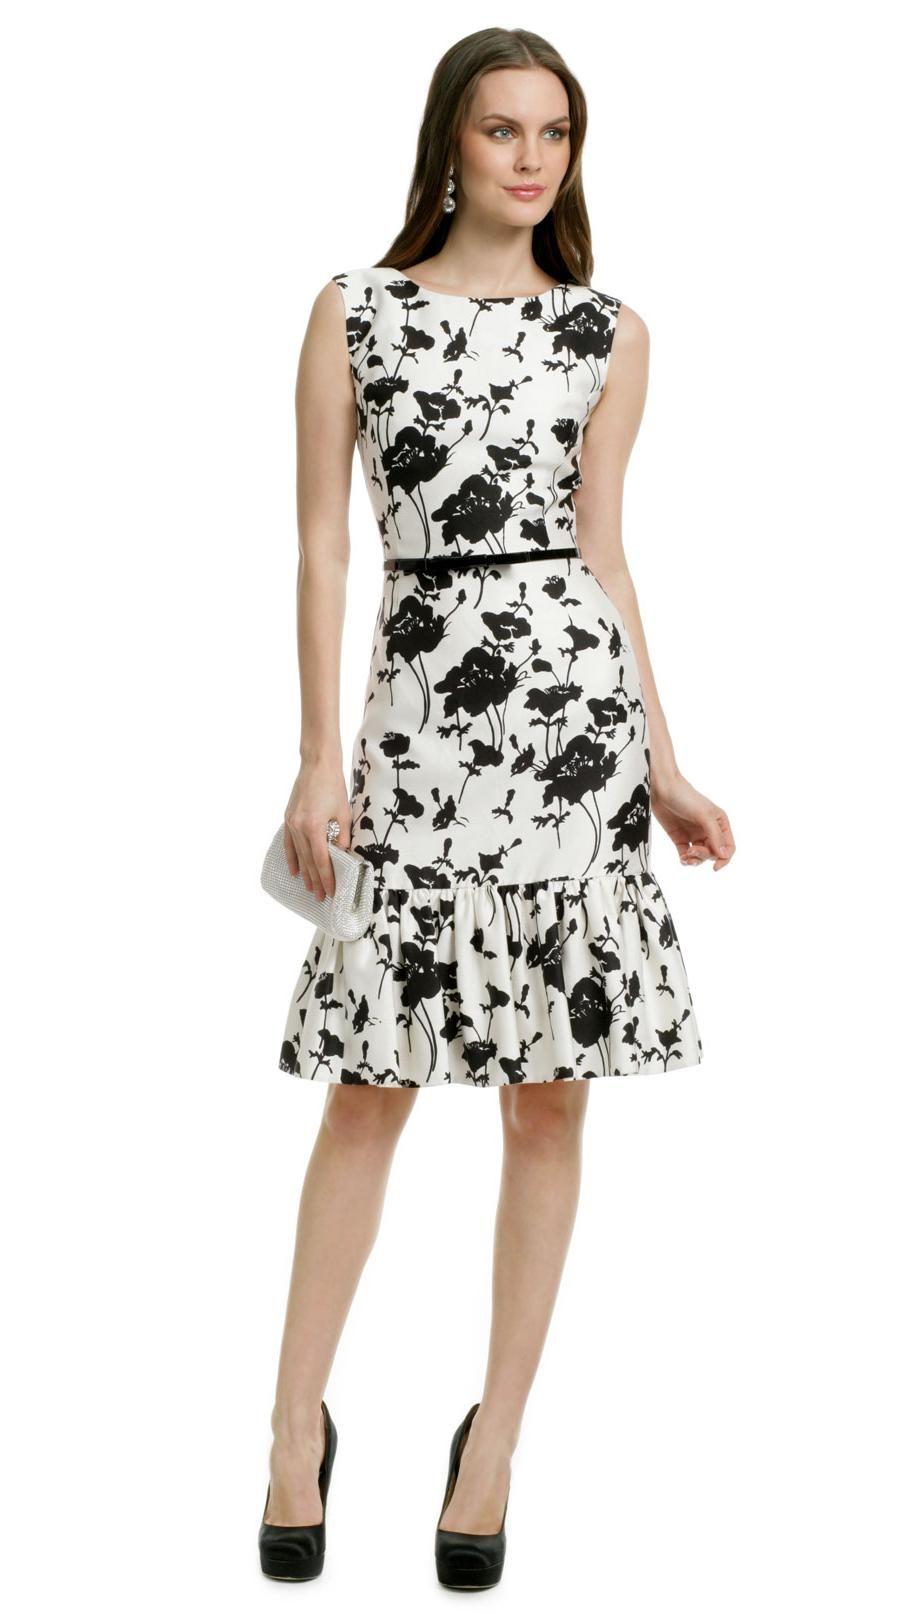 e8fc249036589 White Ruffle Dress, Dress Rental, Rehearsal Dress, Rent Dresses, Dresses  For Work